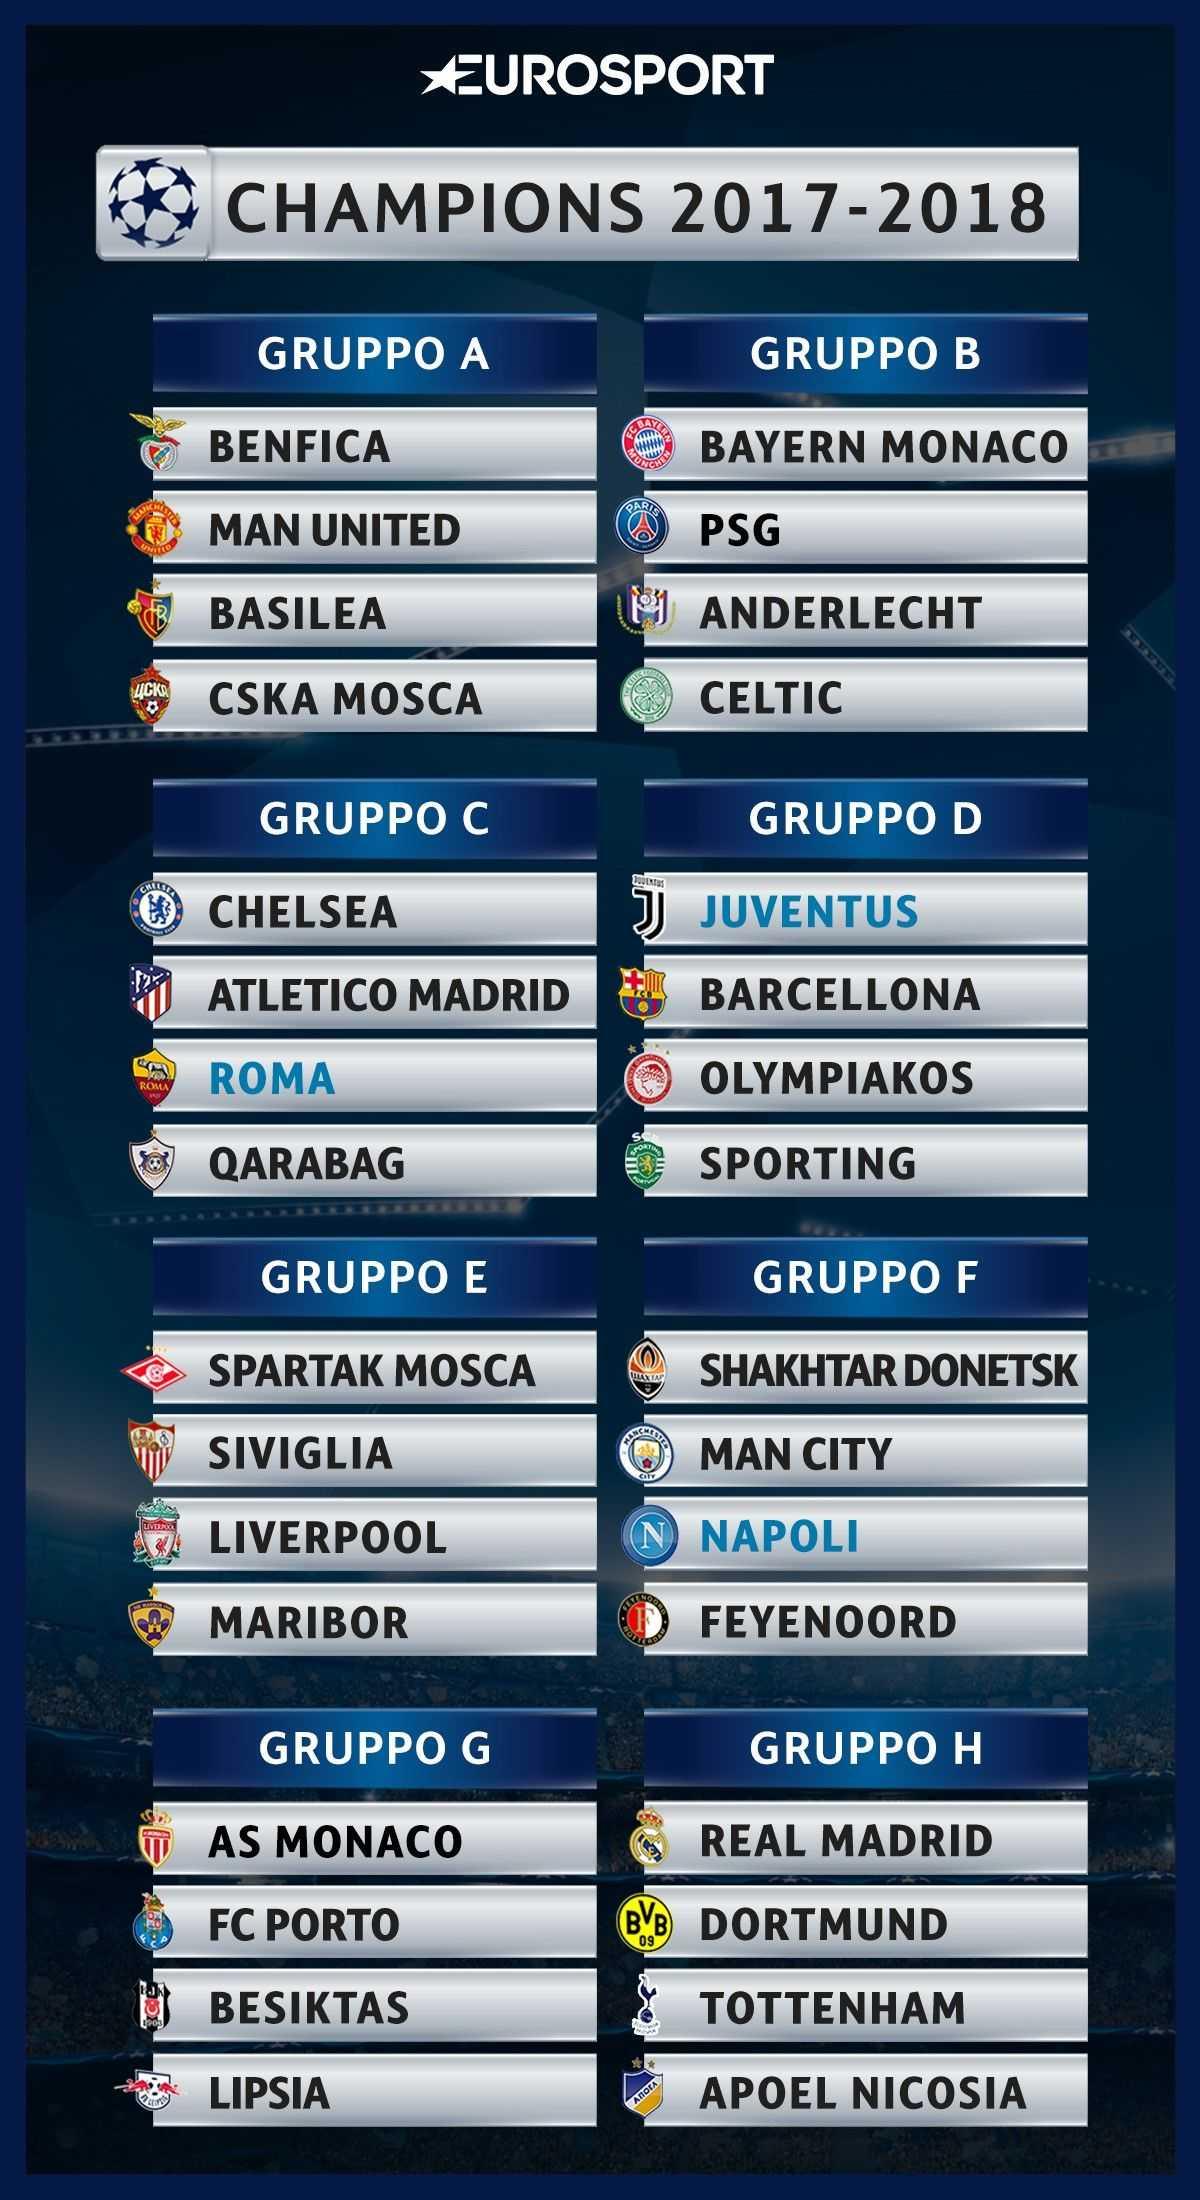 Calendario Quarti Di Finale Champions League.Calendario Champions League 2017 2018 Juventus Napoli